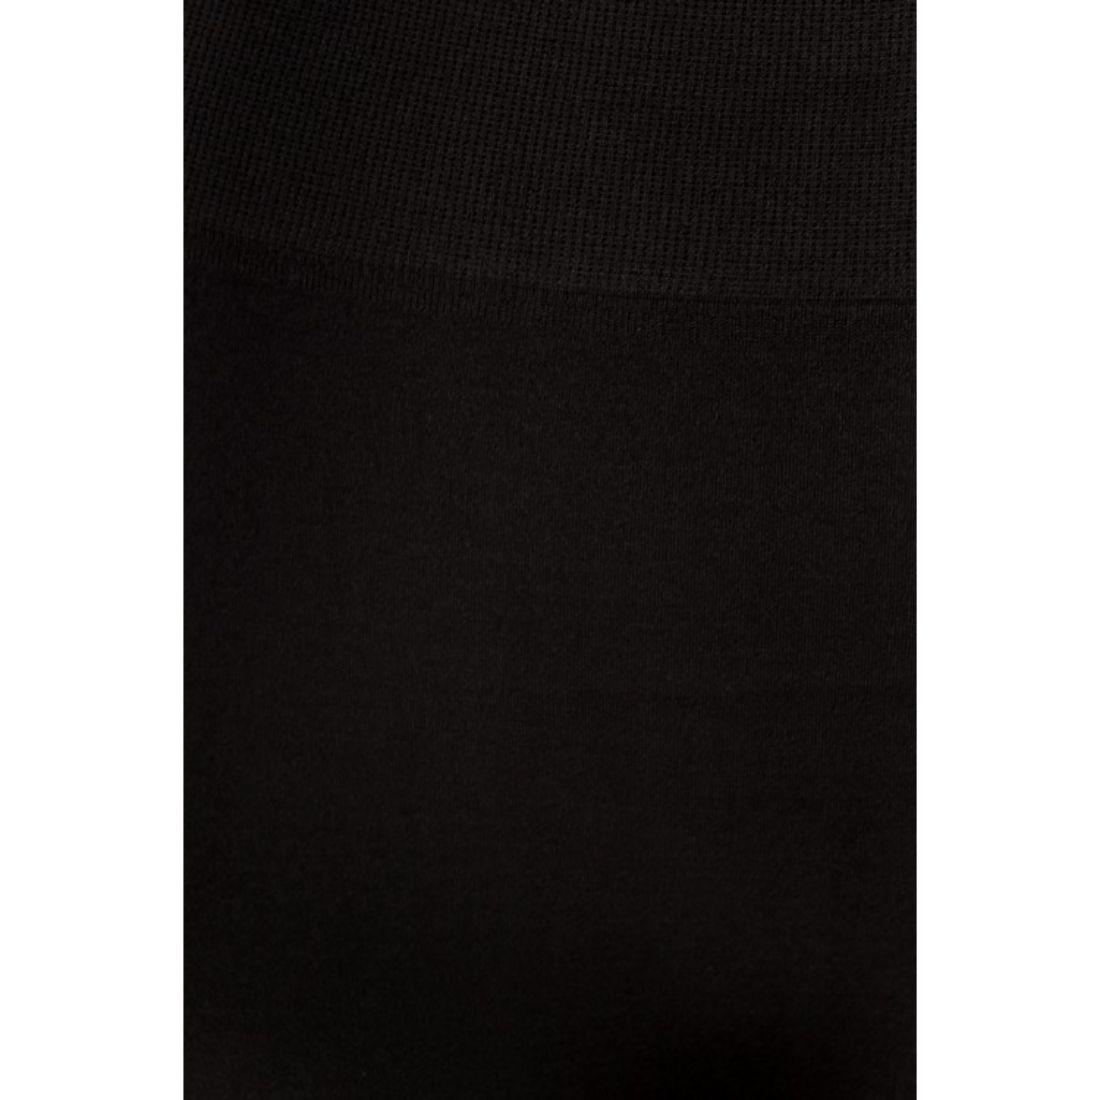 miniature 5 - Femmes Grande Taille Capri Leggings Court Stretch Pantalon Basique Solide Pour